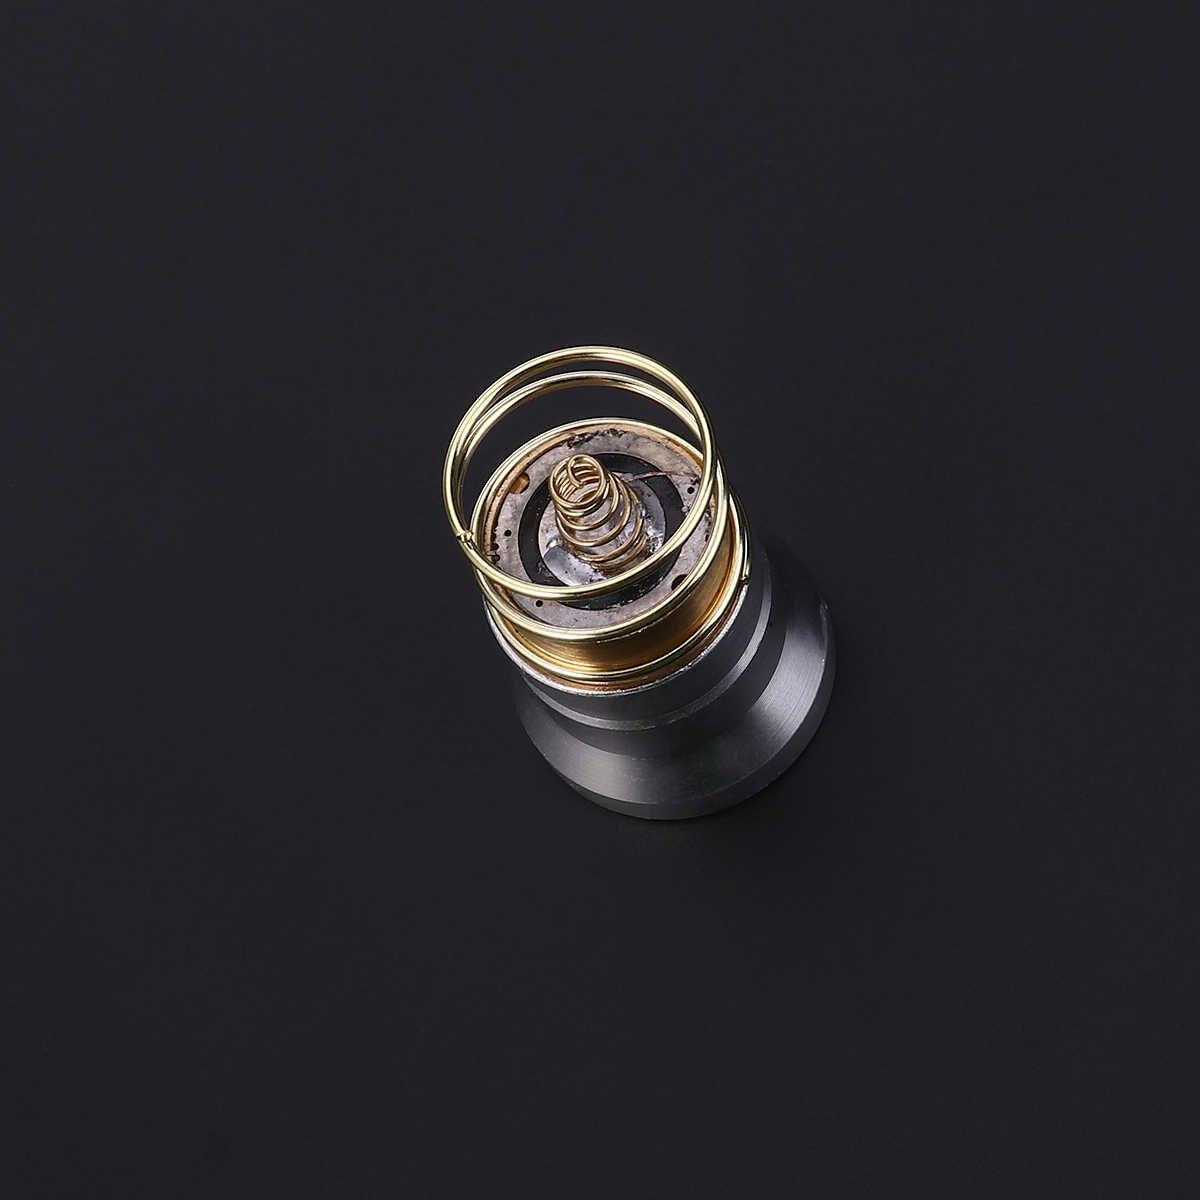 XM-L T6 1-Mode 3,7 V 1000-Lumen холодный белый Светодиодный модуль для замены фонарика